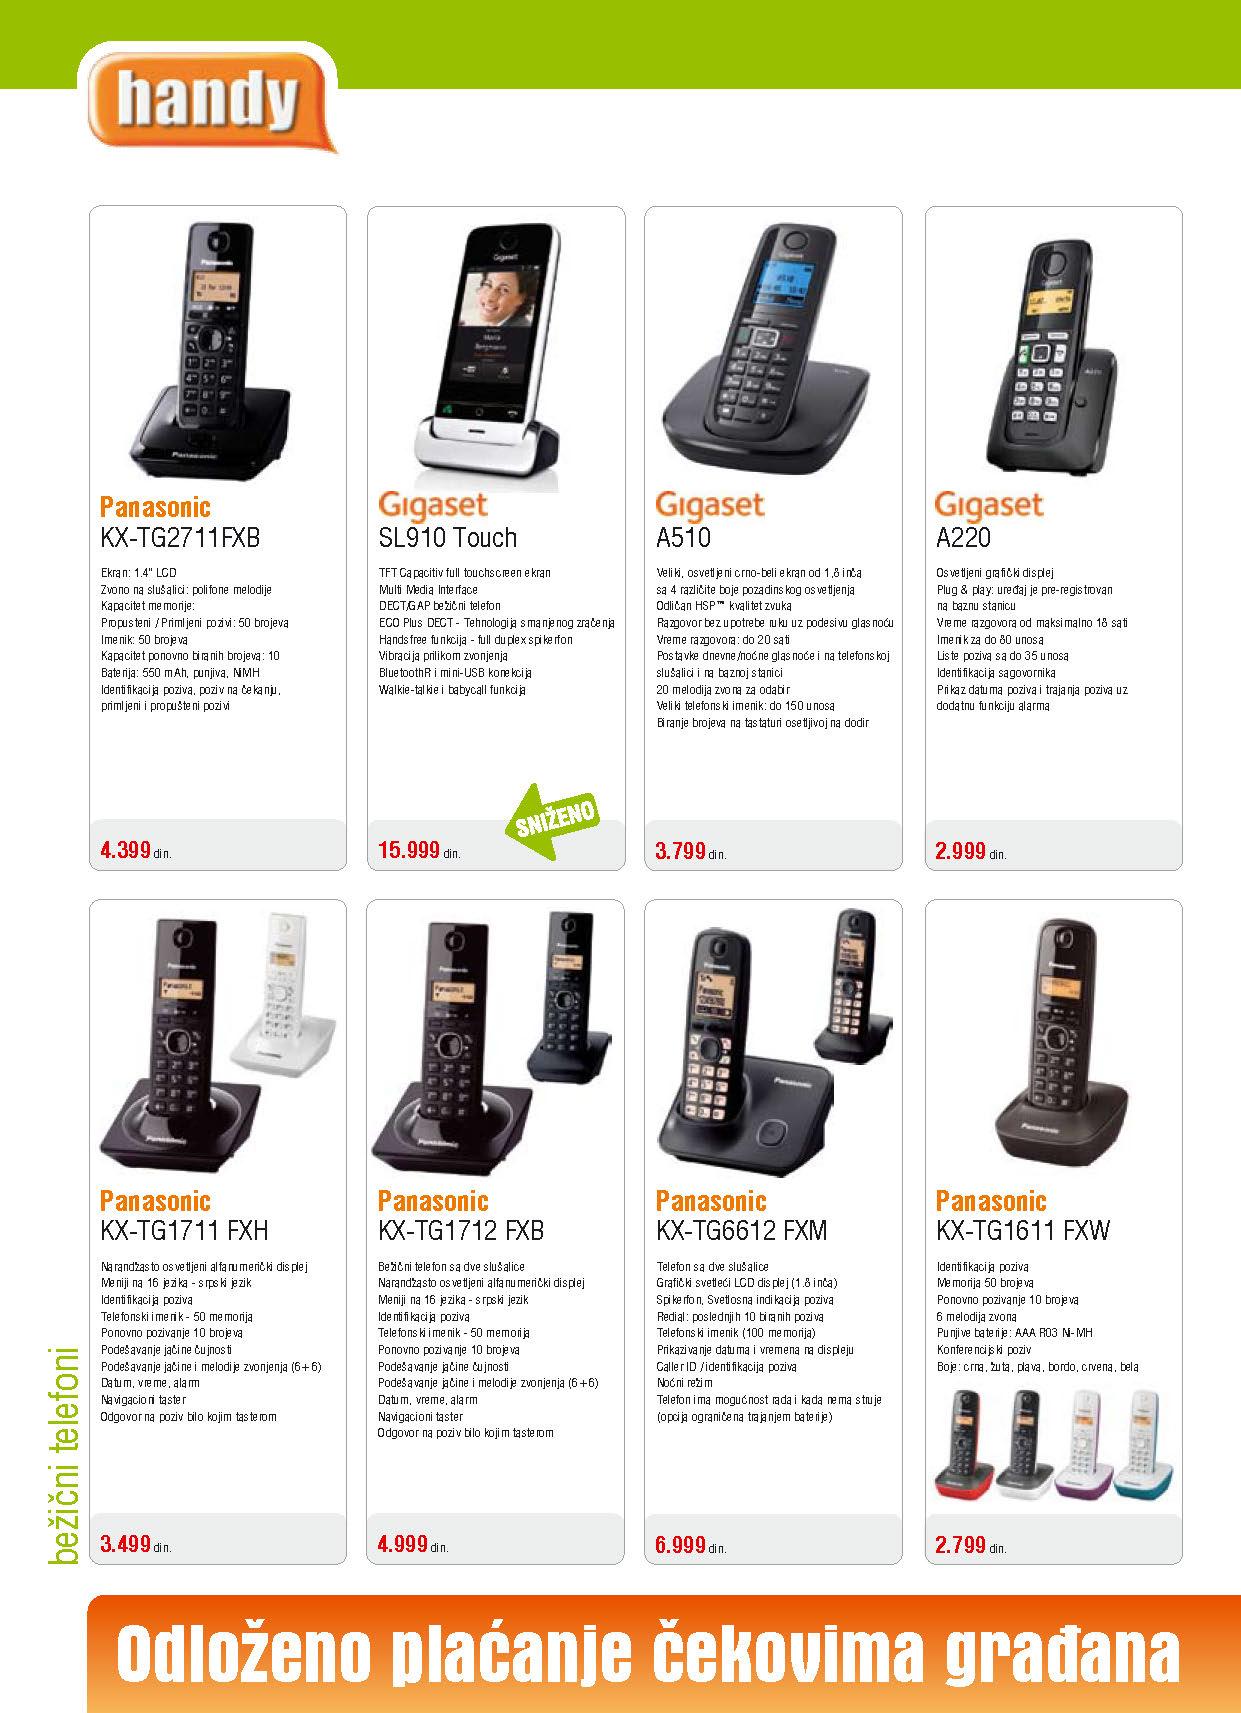 Handy Katalog Telefoni